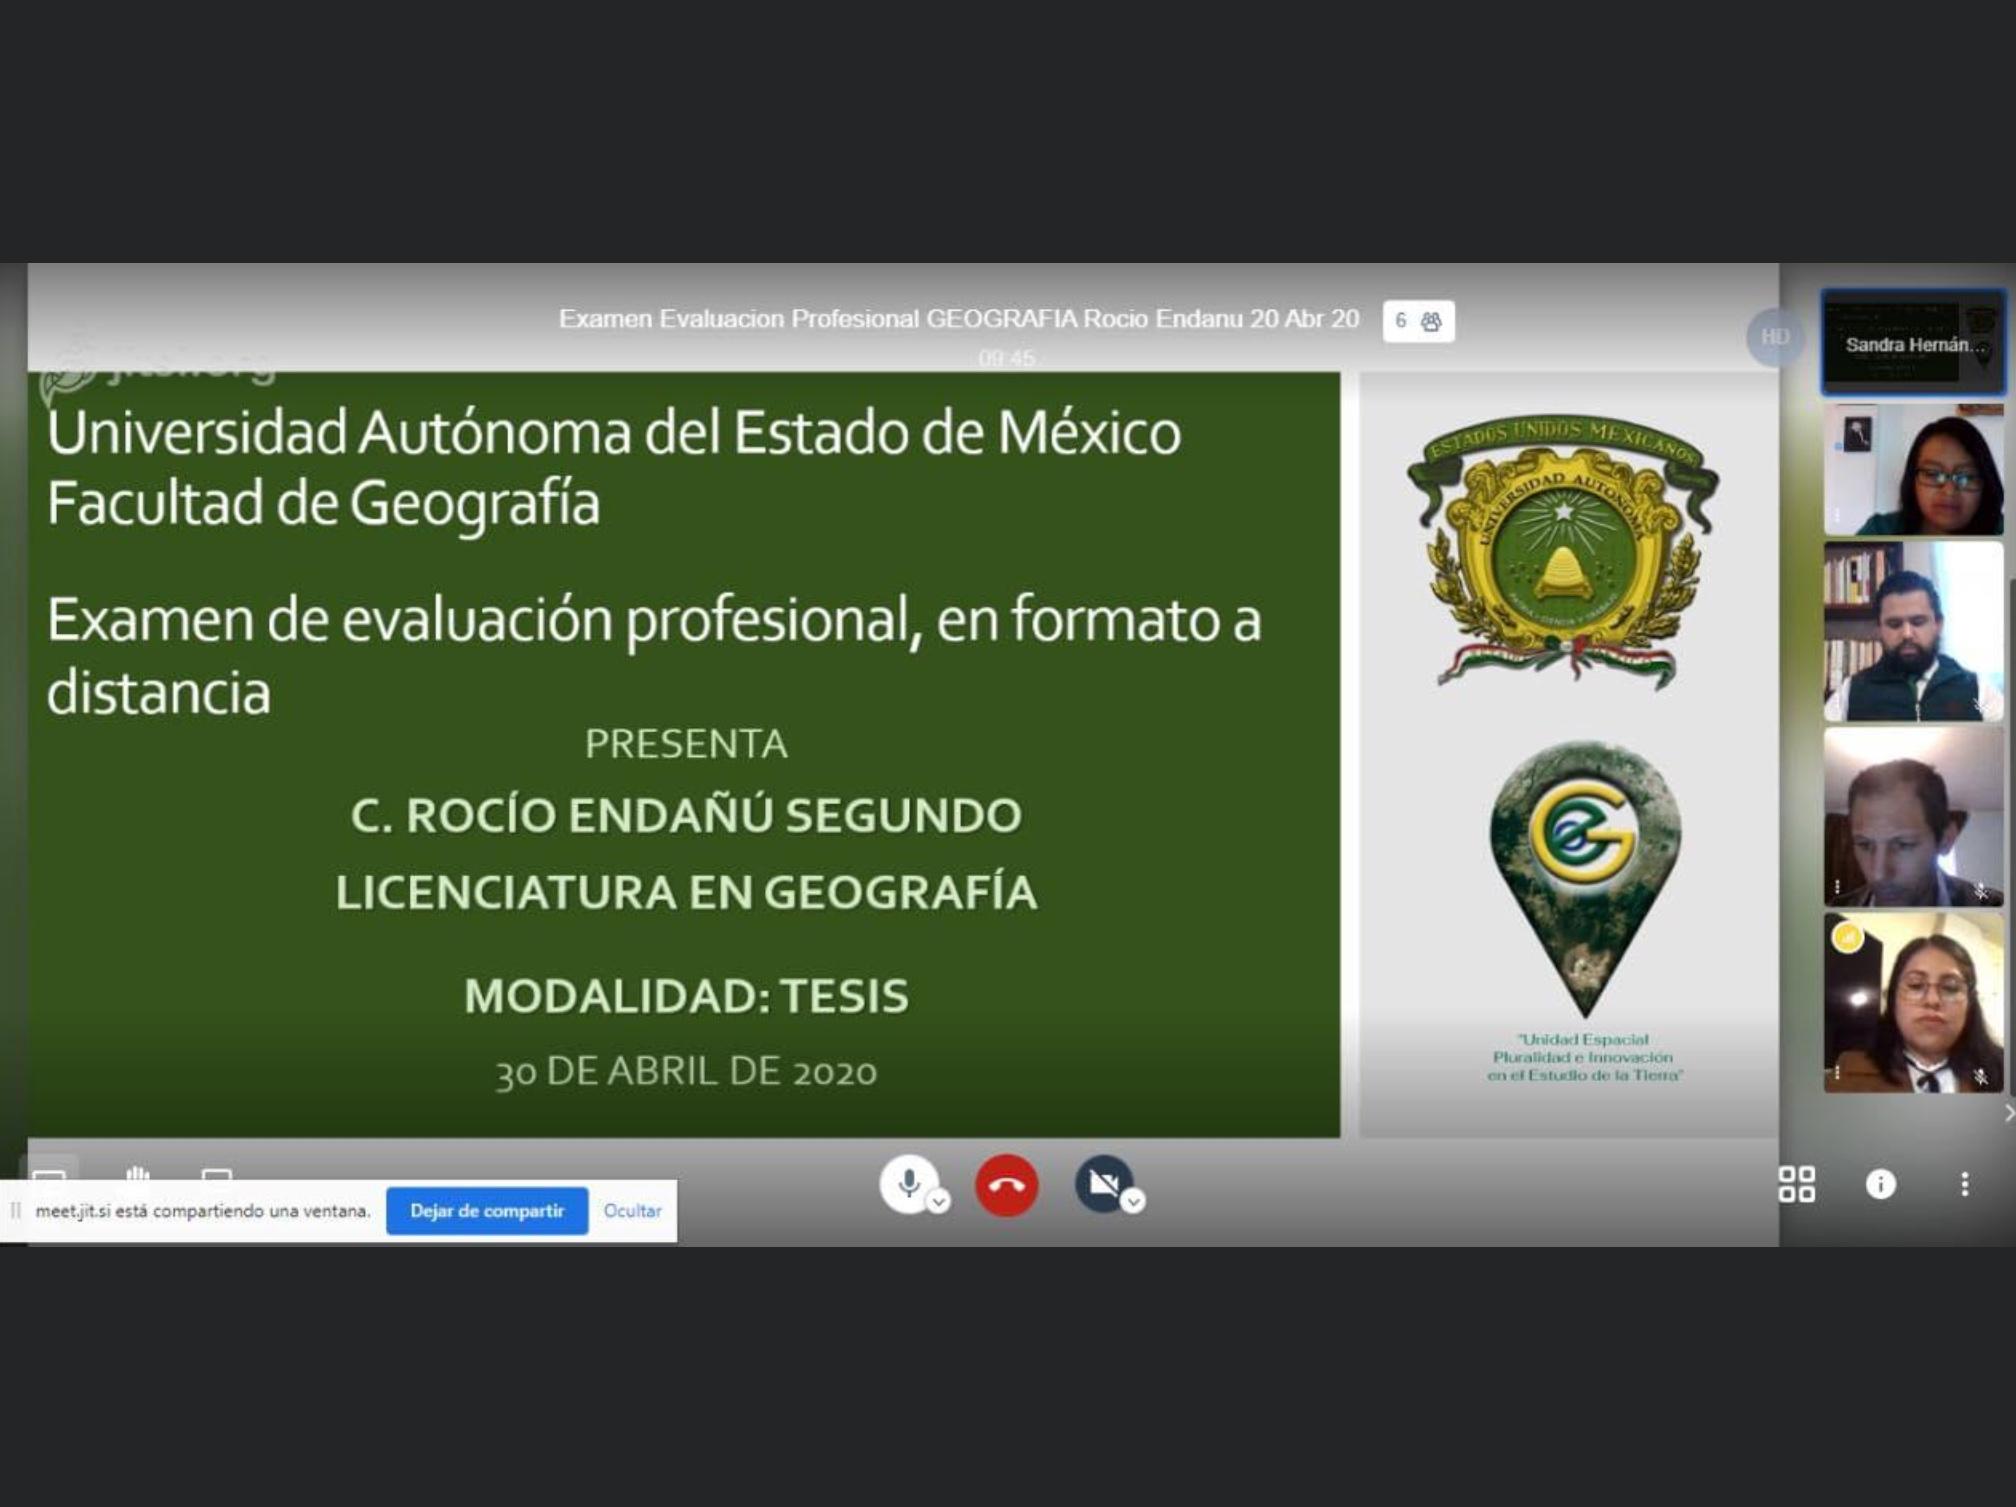 Geografía de UAEM realizó evaluación profesional en línea